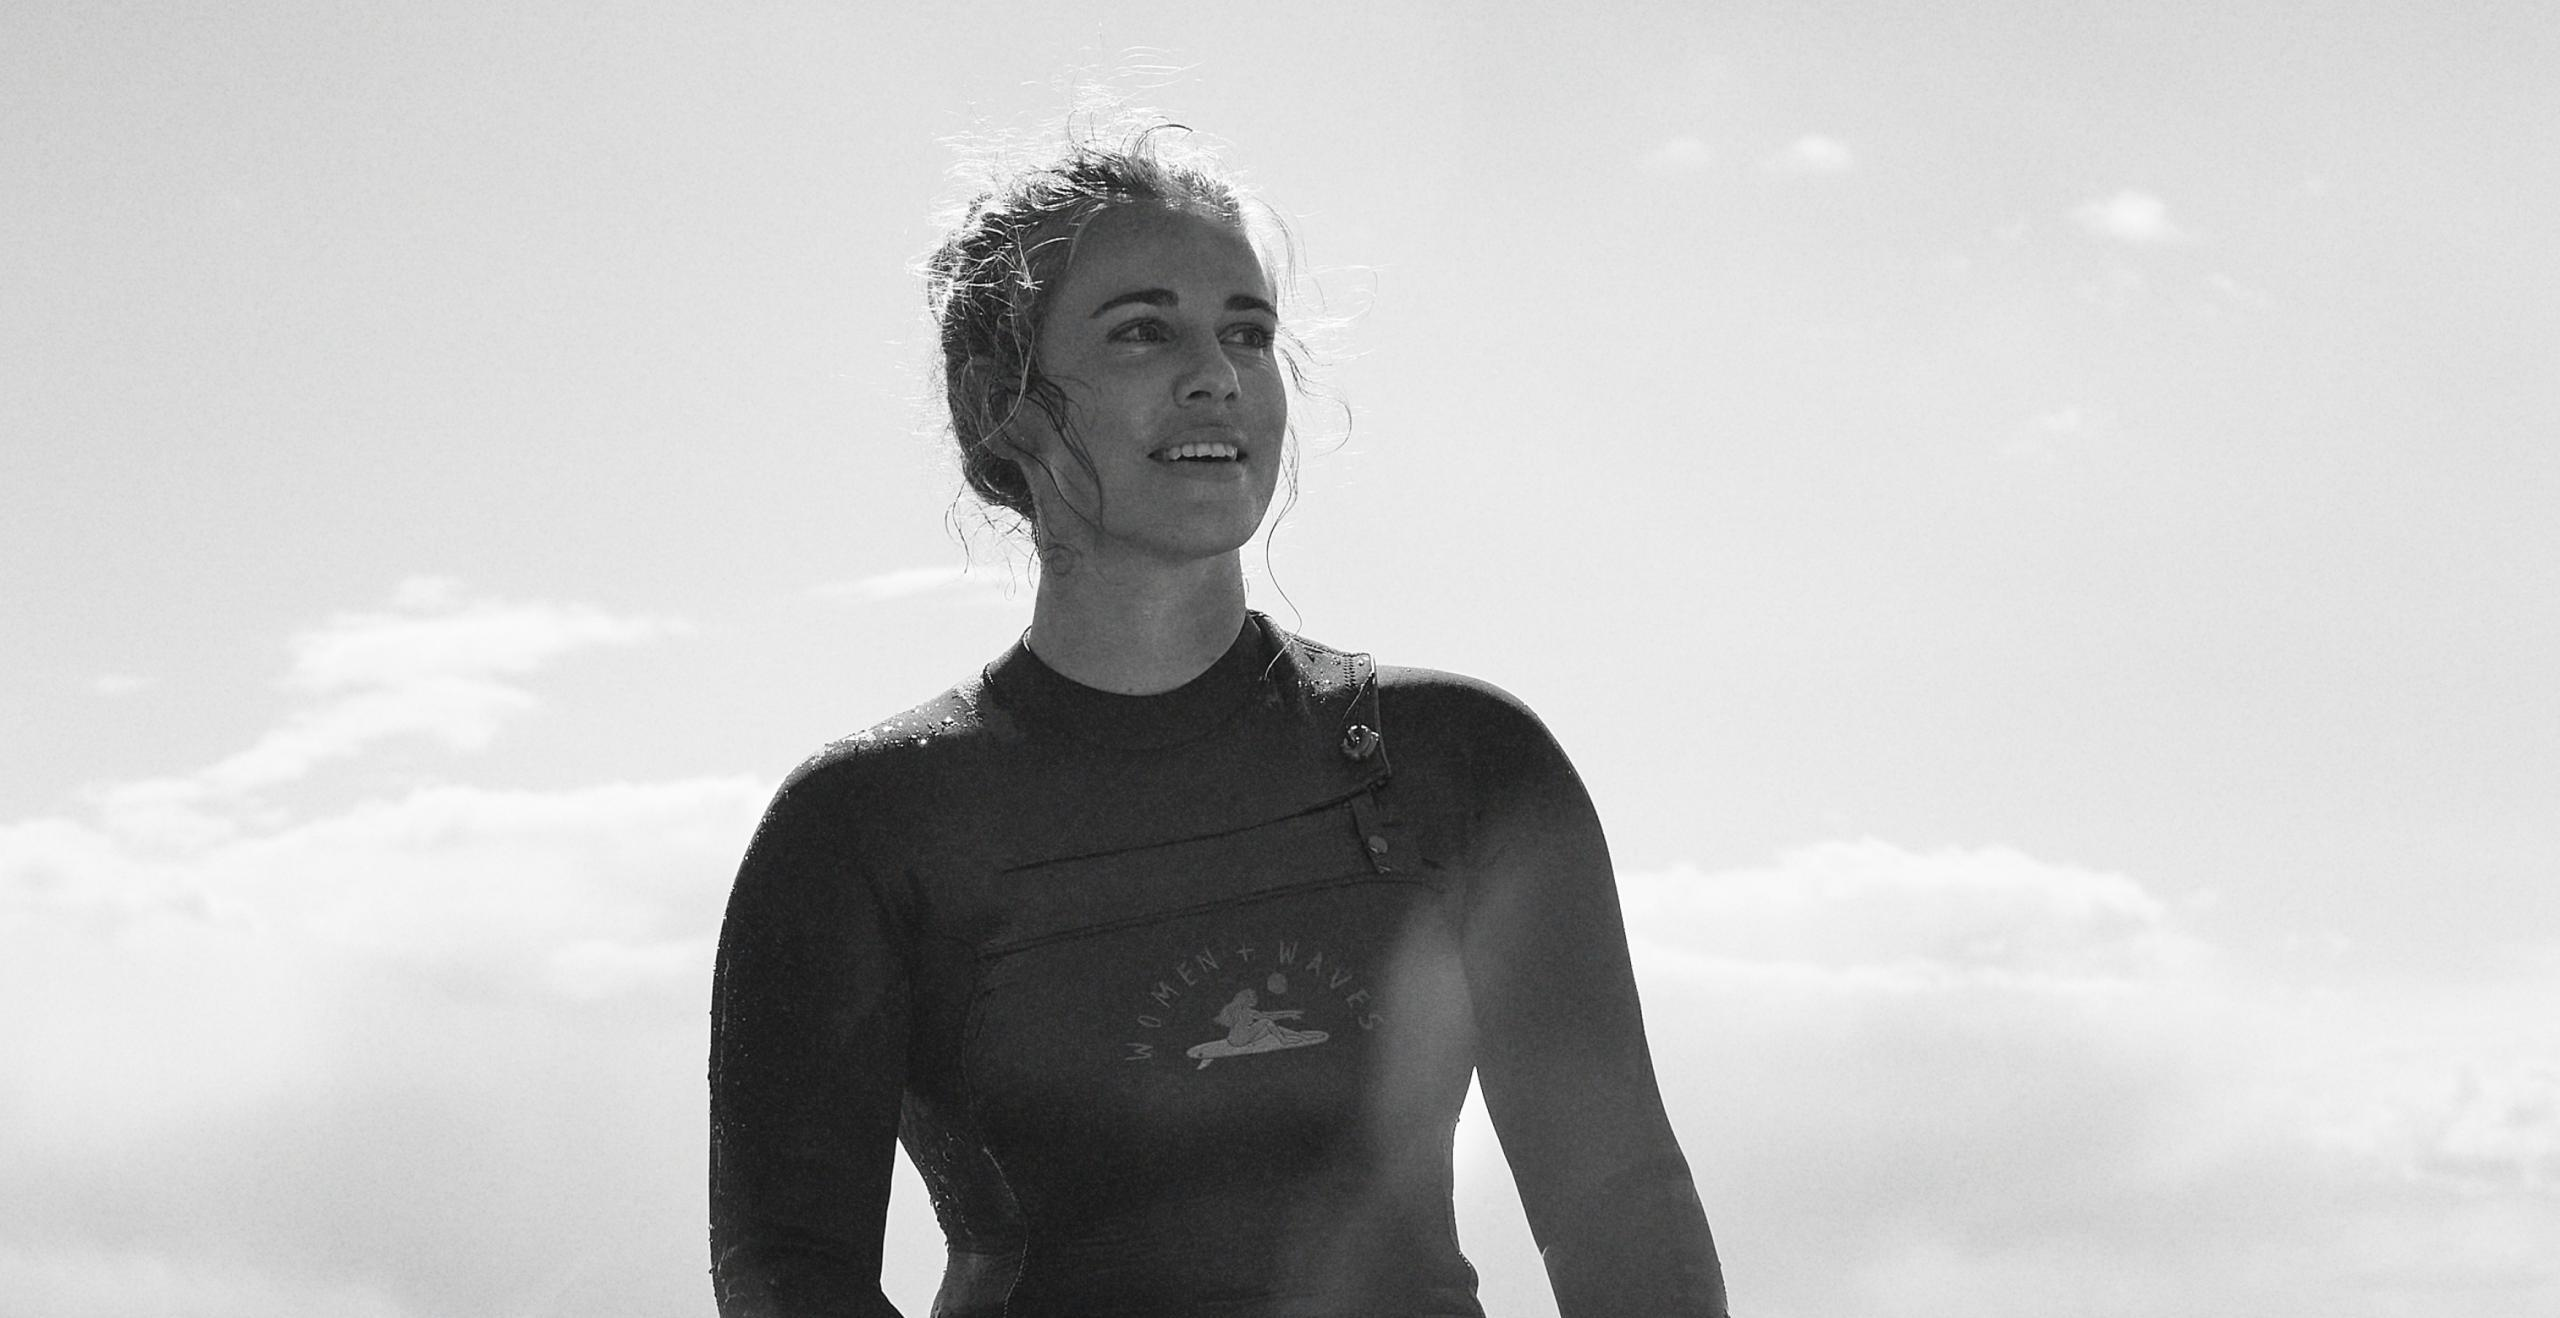 H&M, tamamı kadınlardan oluşan sörf topluluğu Women + Waves ile sürdürülebilir bir mayo koleksiyonu için iş birliği yaptı.